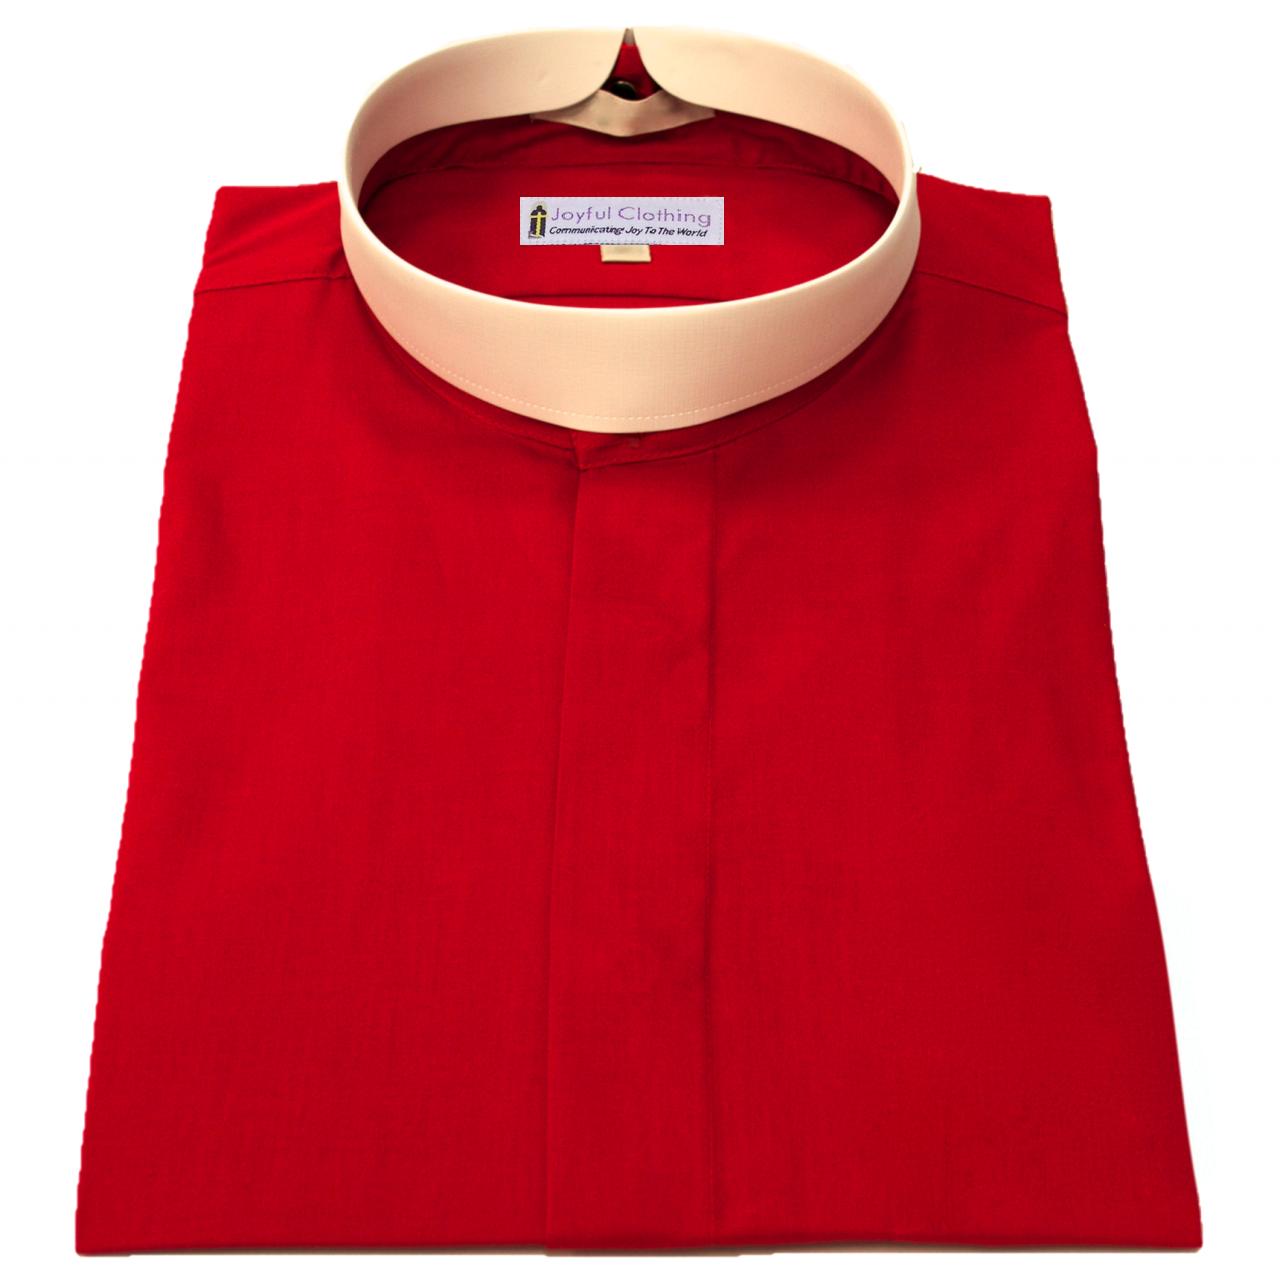 257. Men's Short-Sleeve (Banded) Full-Collar Clergy Shirt - Red